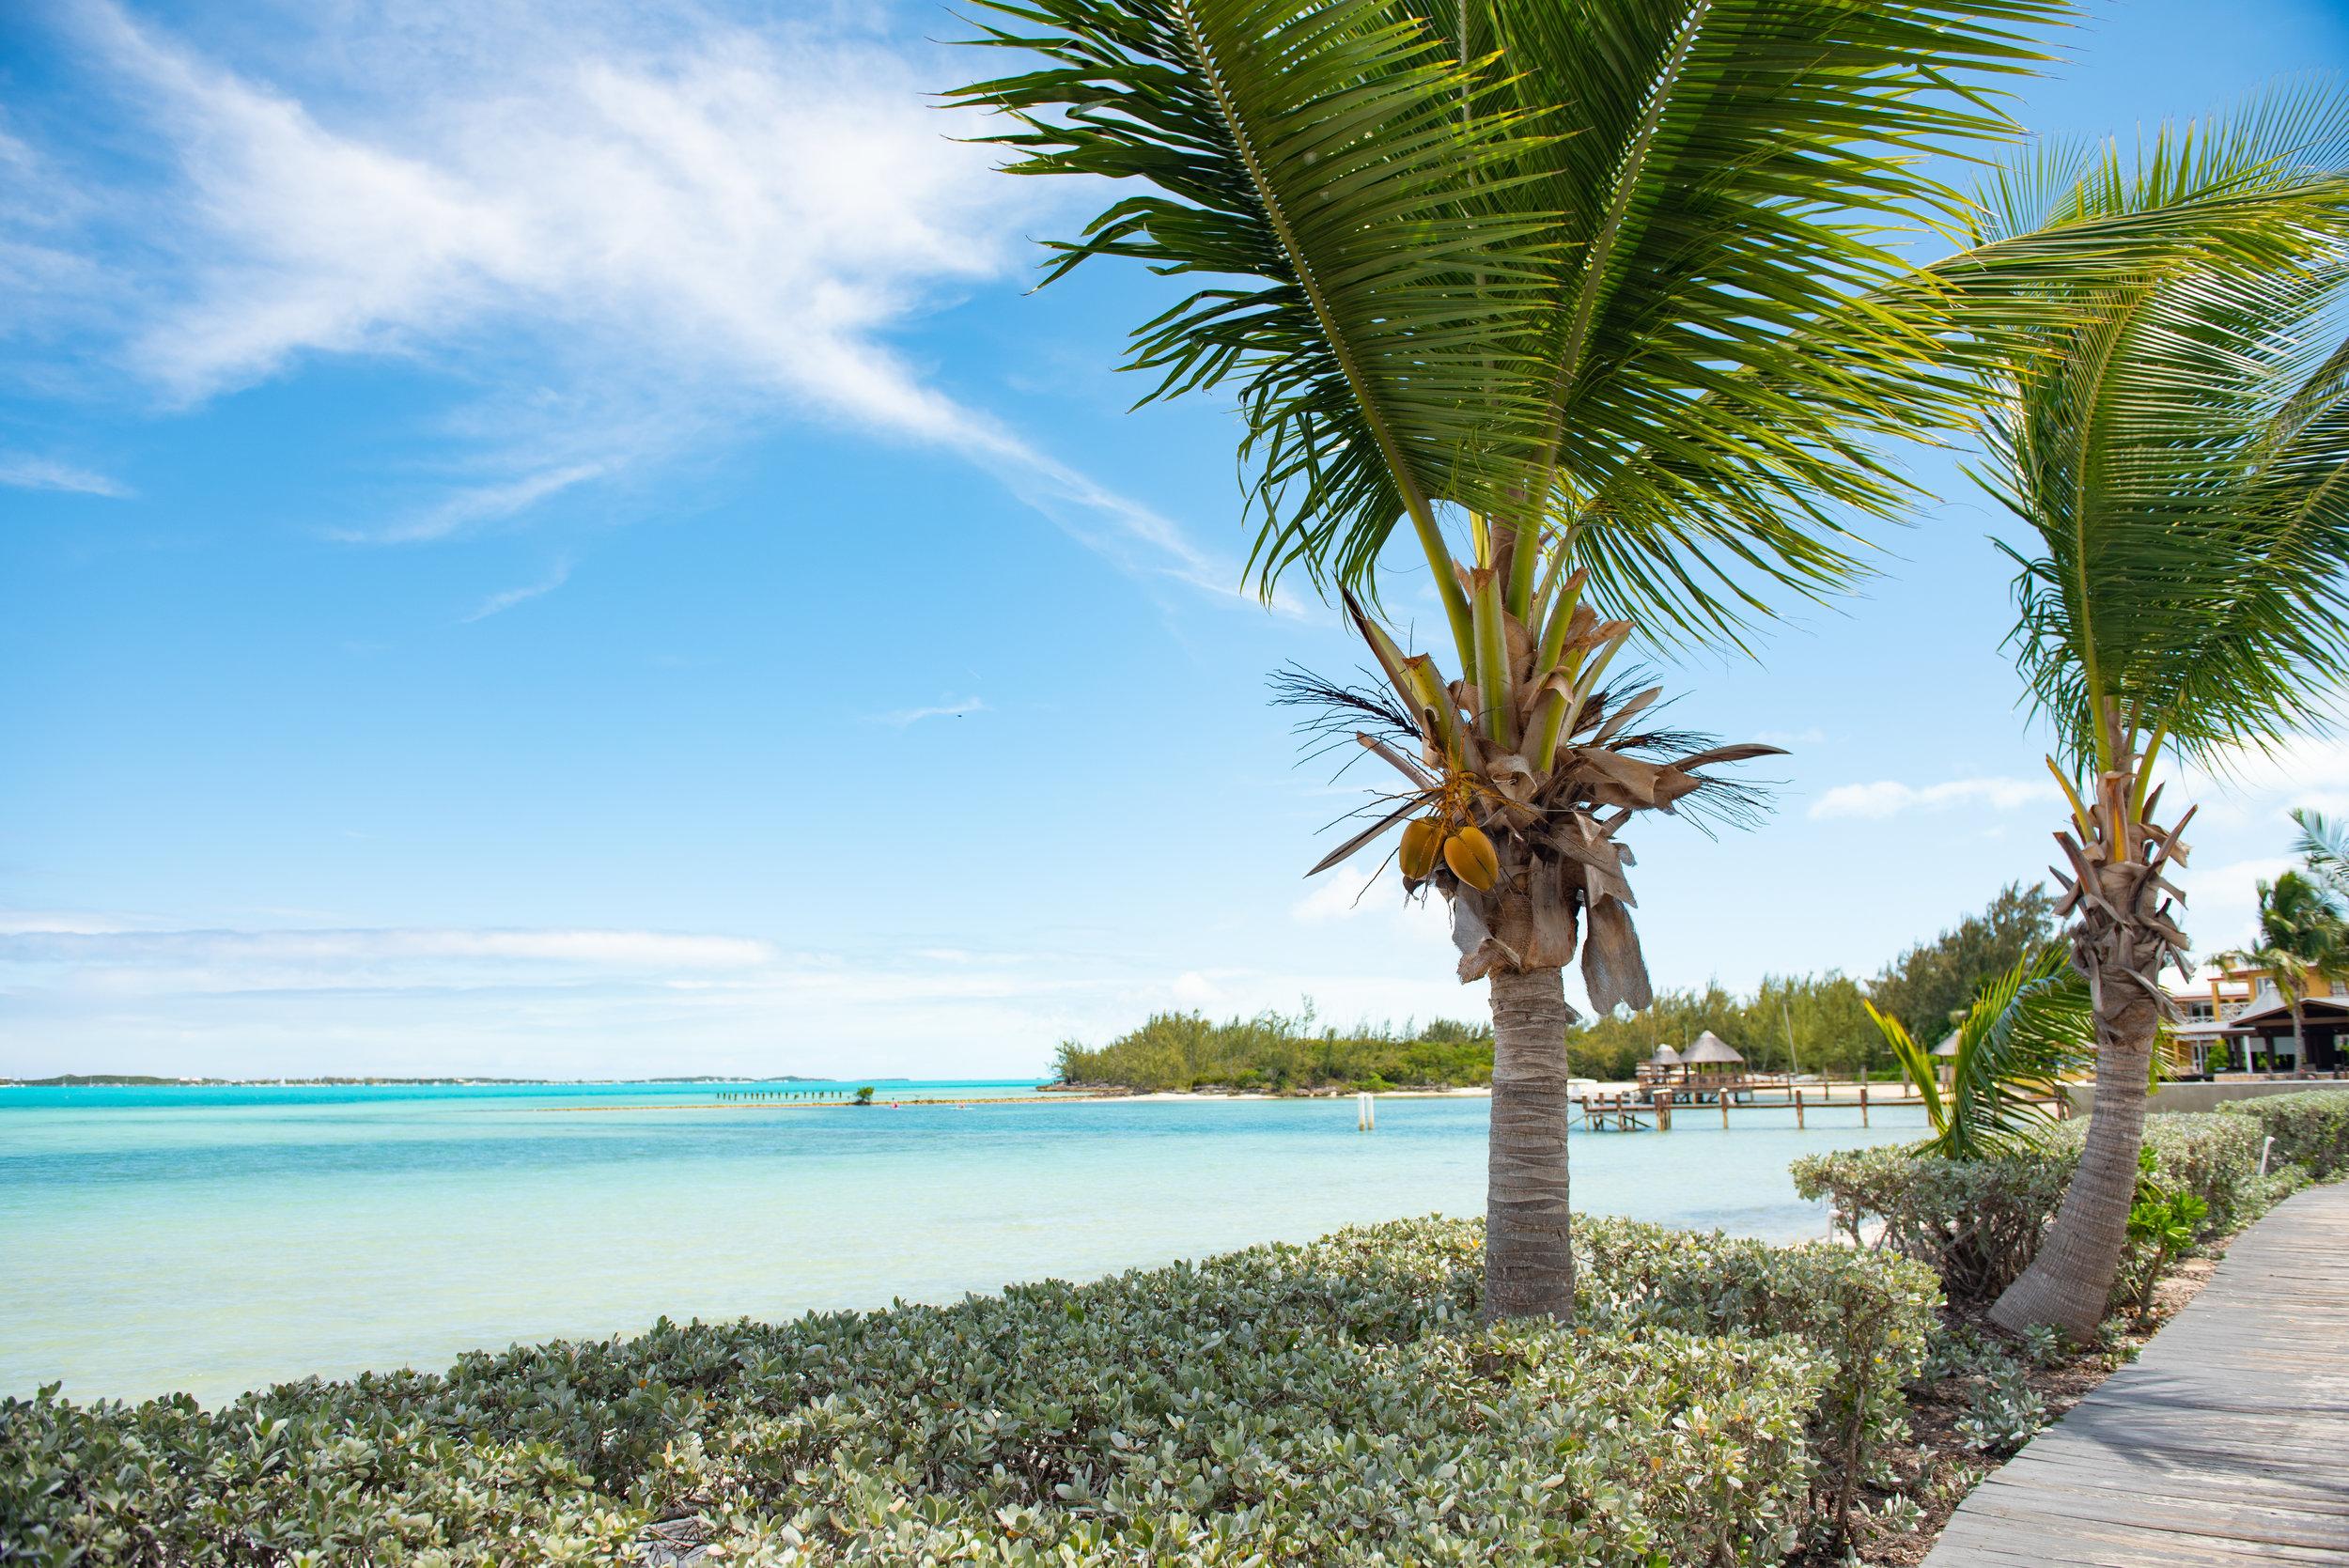 Exuma Bahamas 2019  (68 of 71).jpg